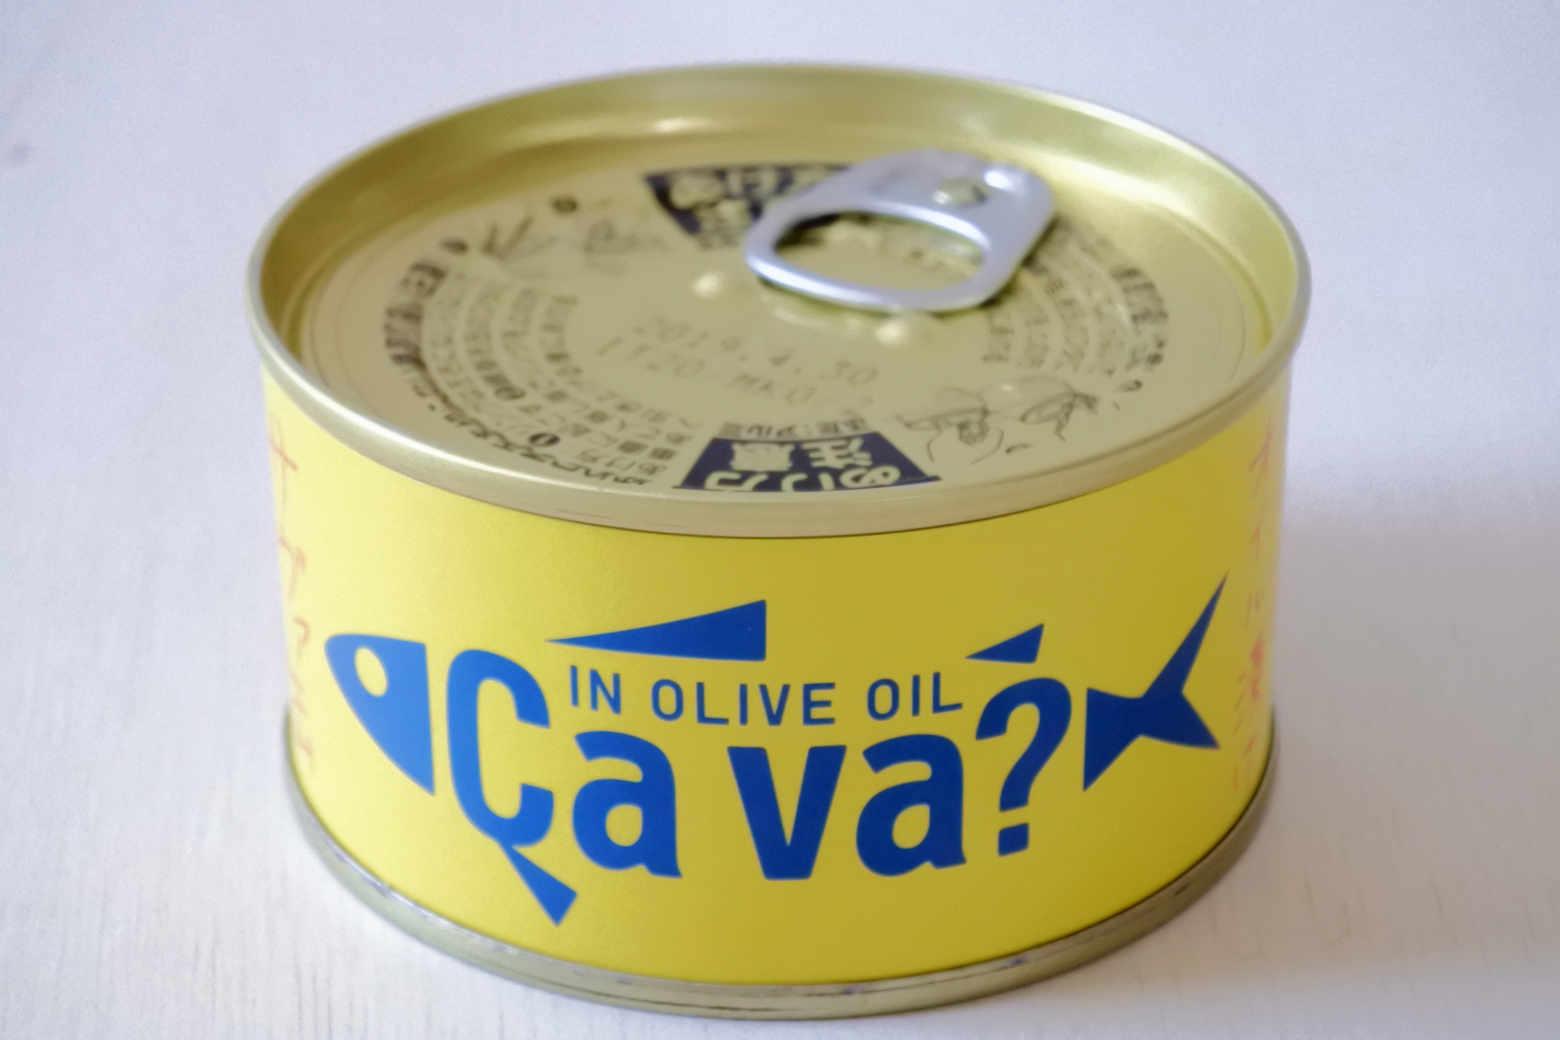 サバ缶?サヴァ缶?国産サバのオリーブオイル漬けで魚をがっつきました【缶詰】